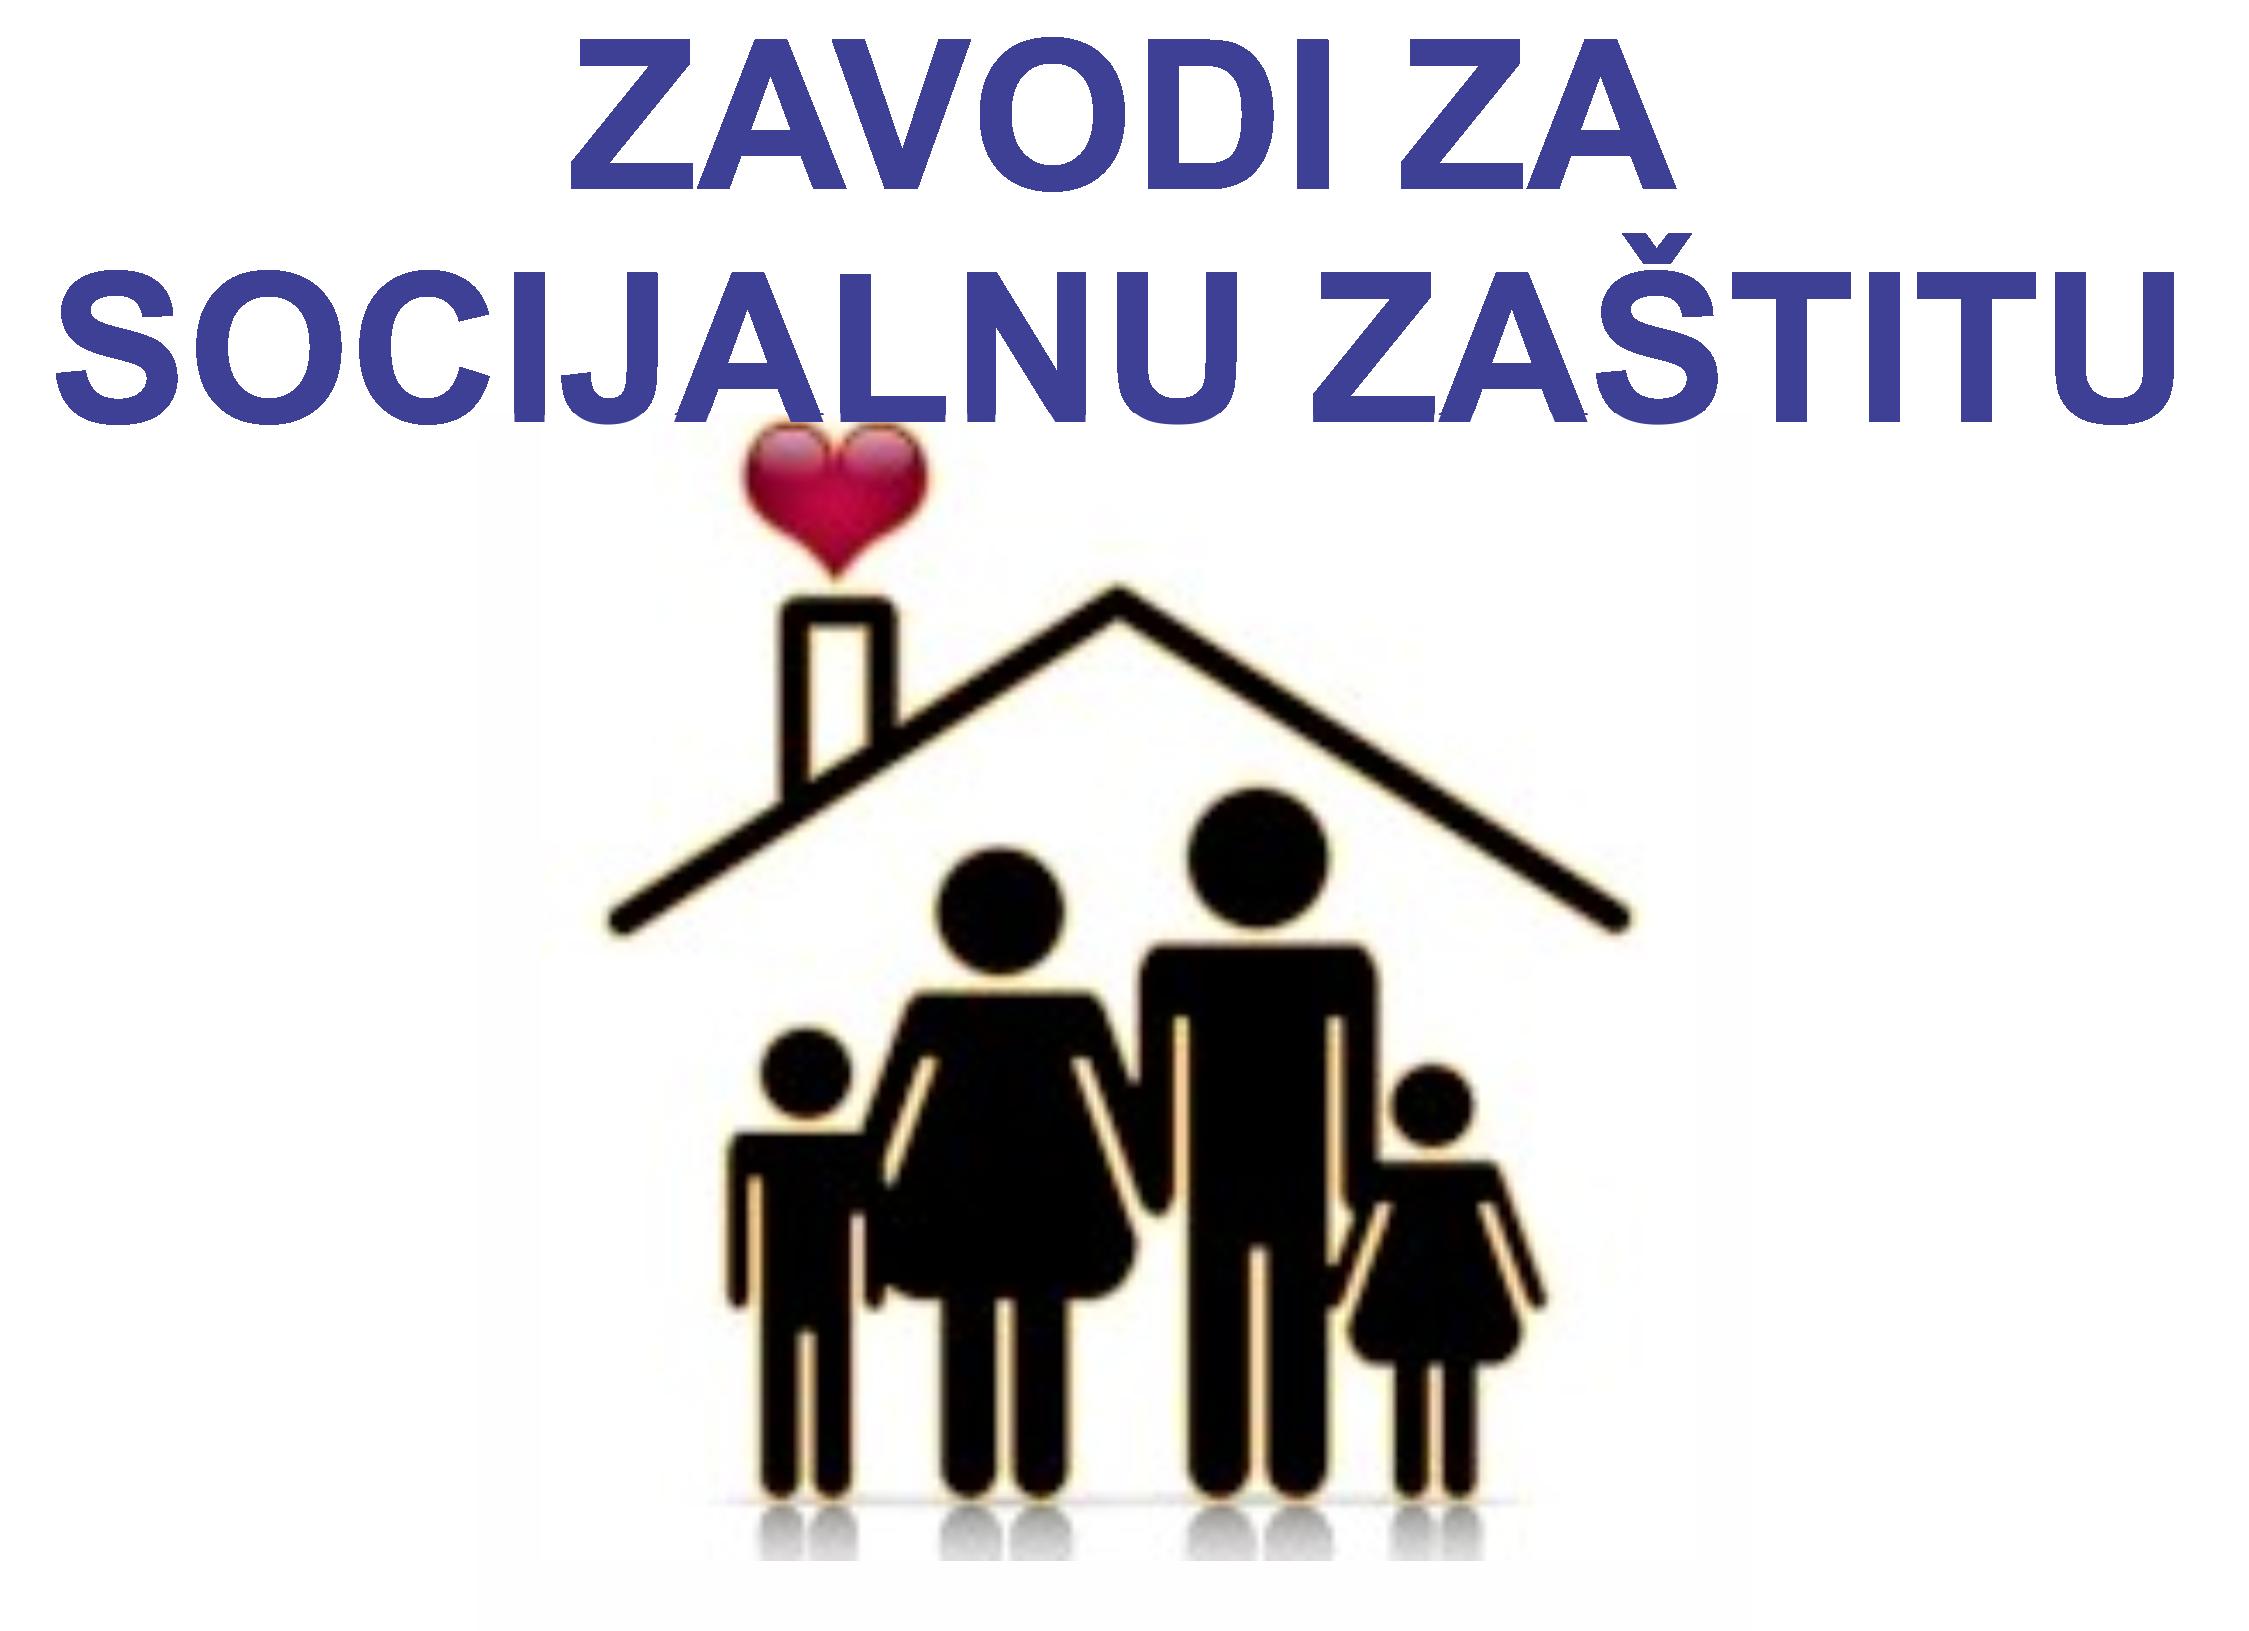 Fice-Clanica-Zavodi-Za-Socijalnu-Zastitu2.png